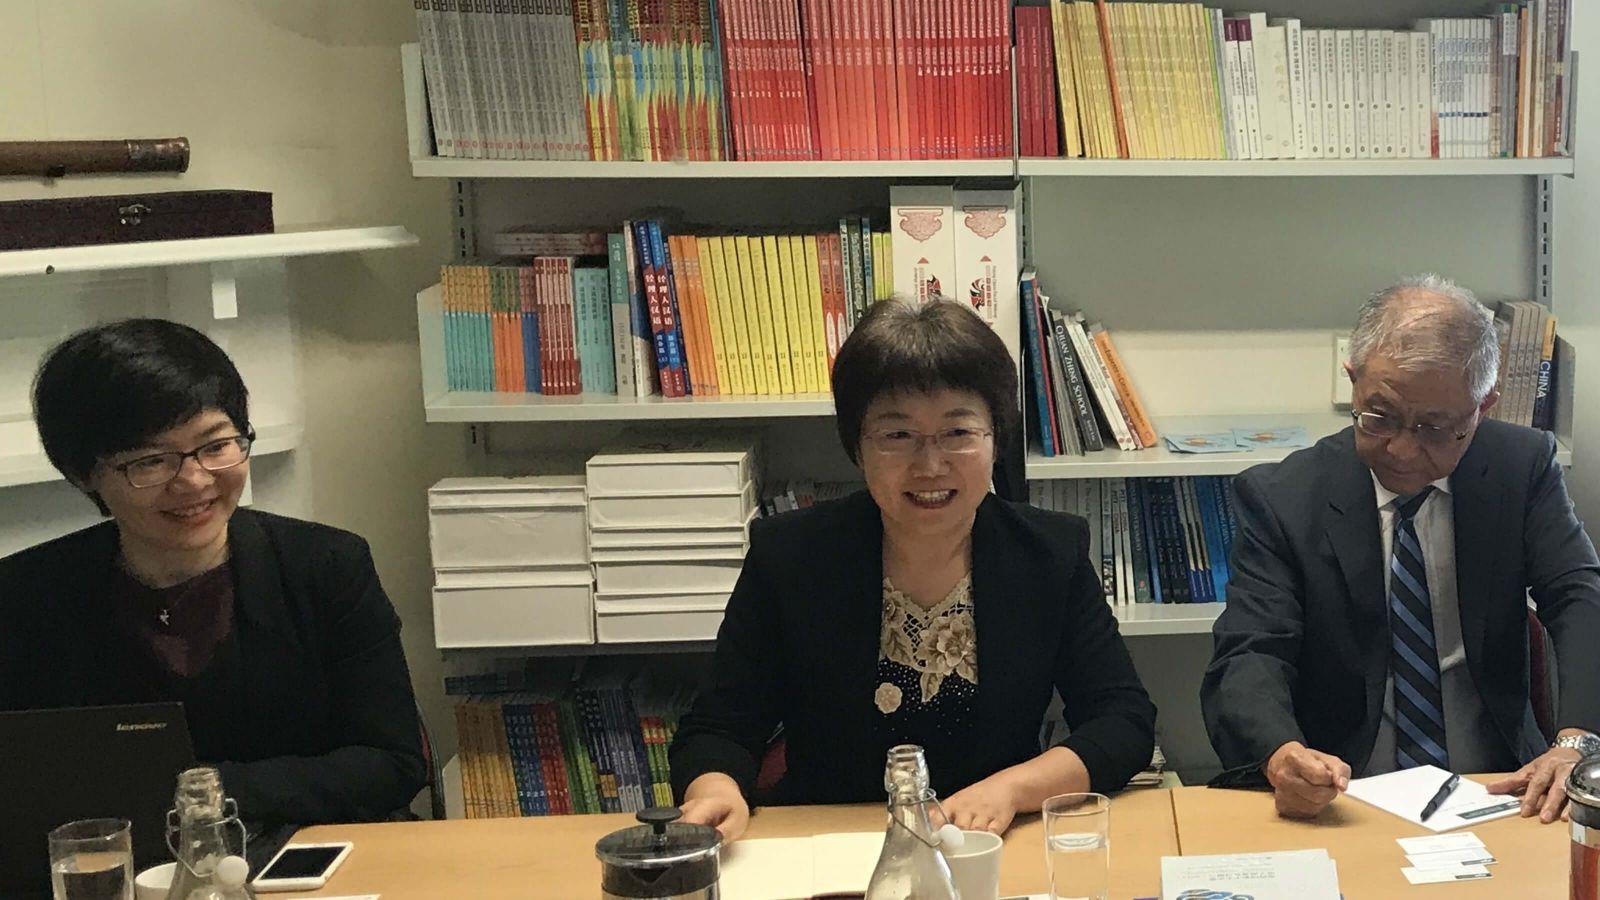 Shanghai Academy of Social Sciences